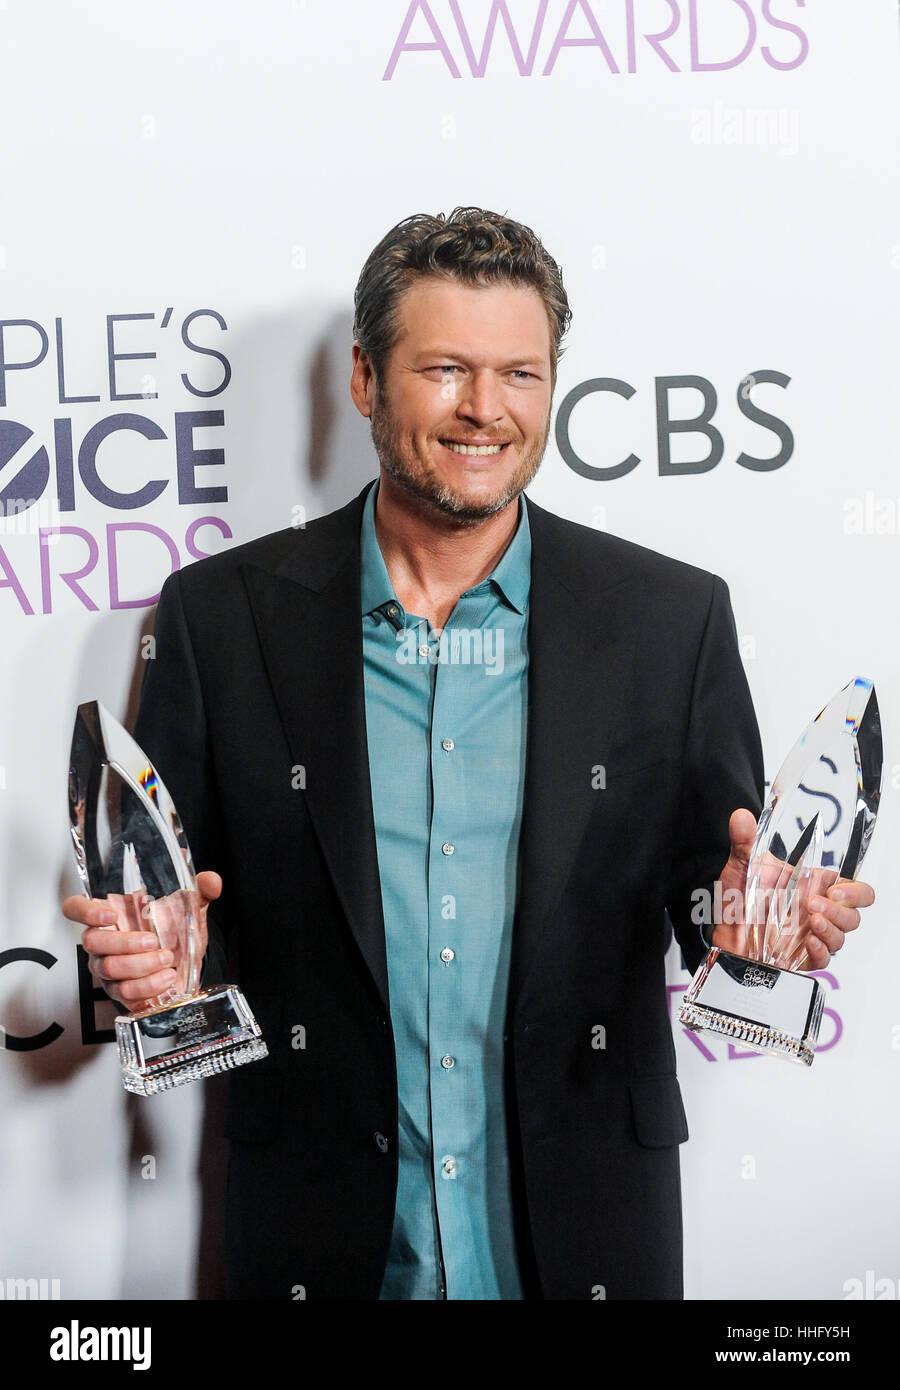 Los Angeles, USA. 18 janvier, 2017. Blake Shelton pose avec les prix pour pays préféré Chanteur et Photo Stock